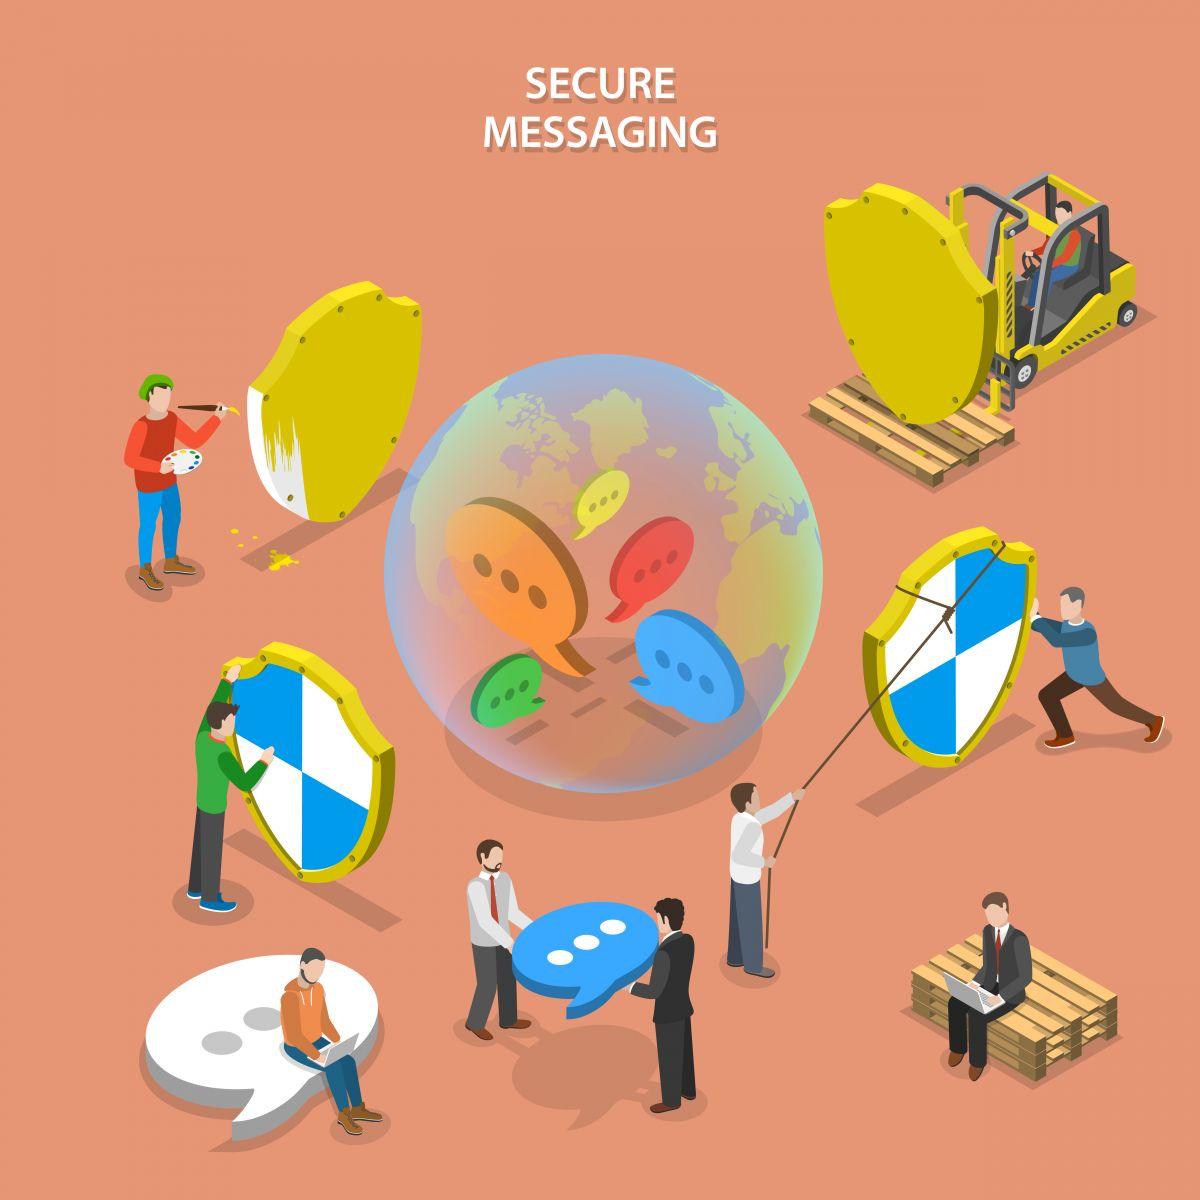 ilustração segurança na internet